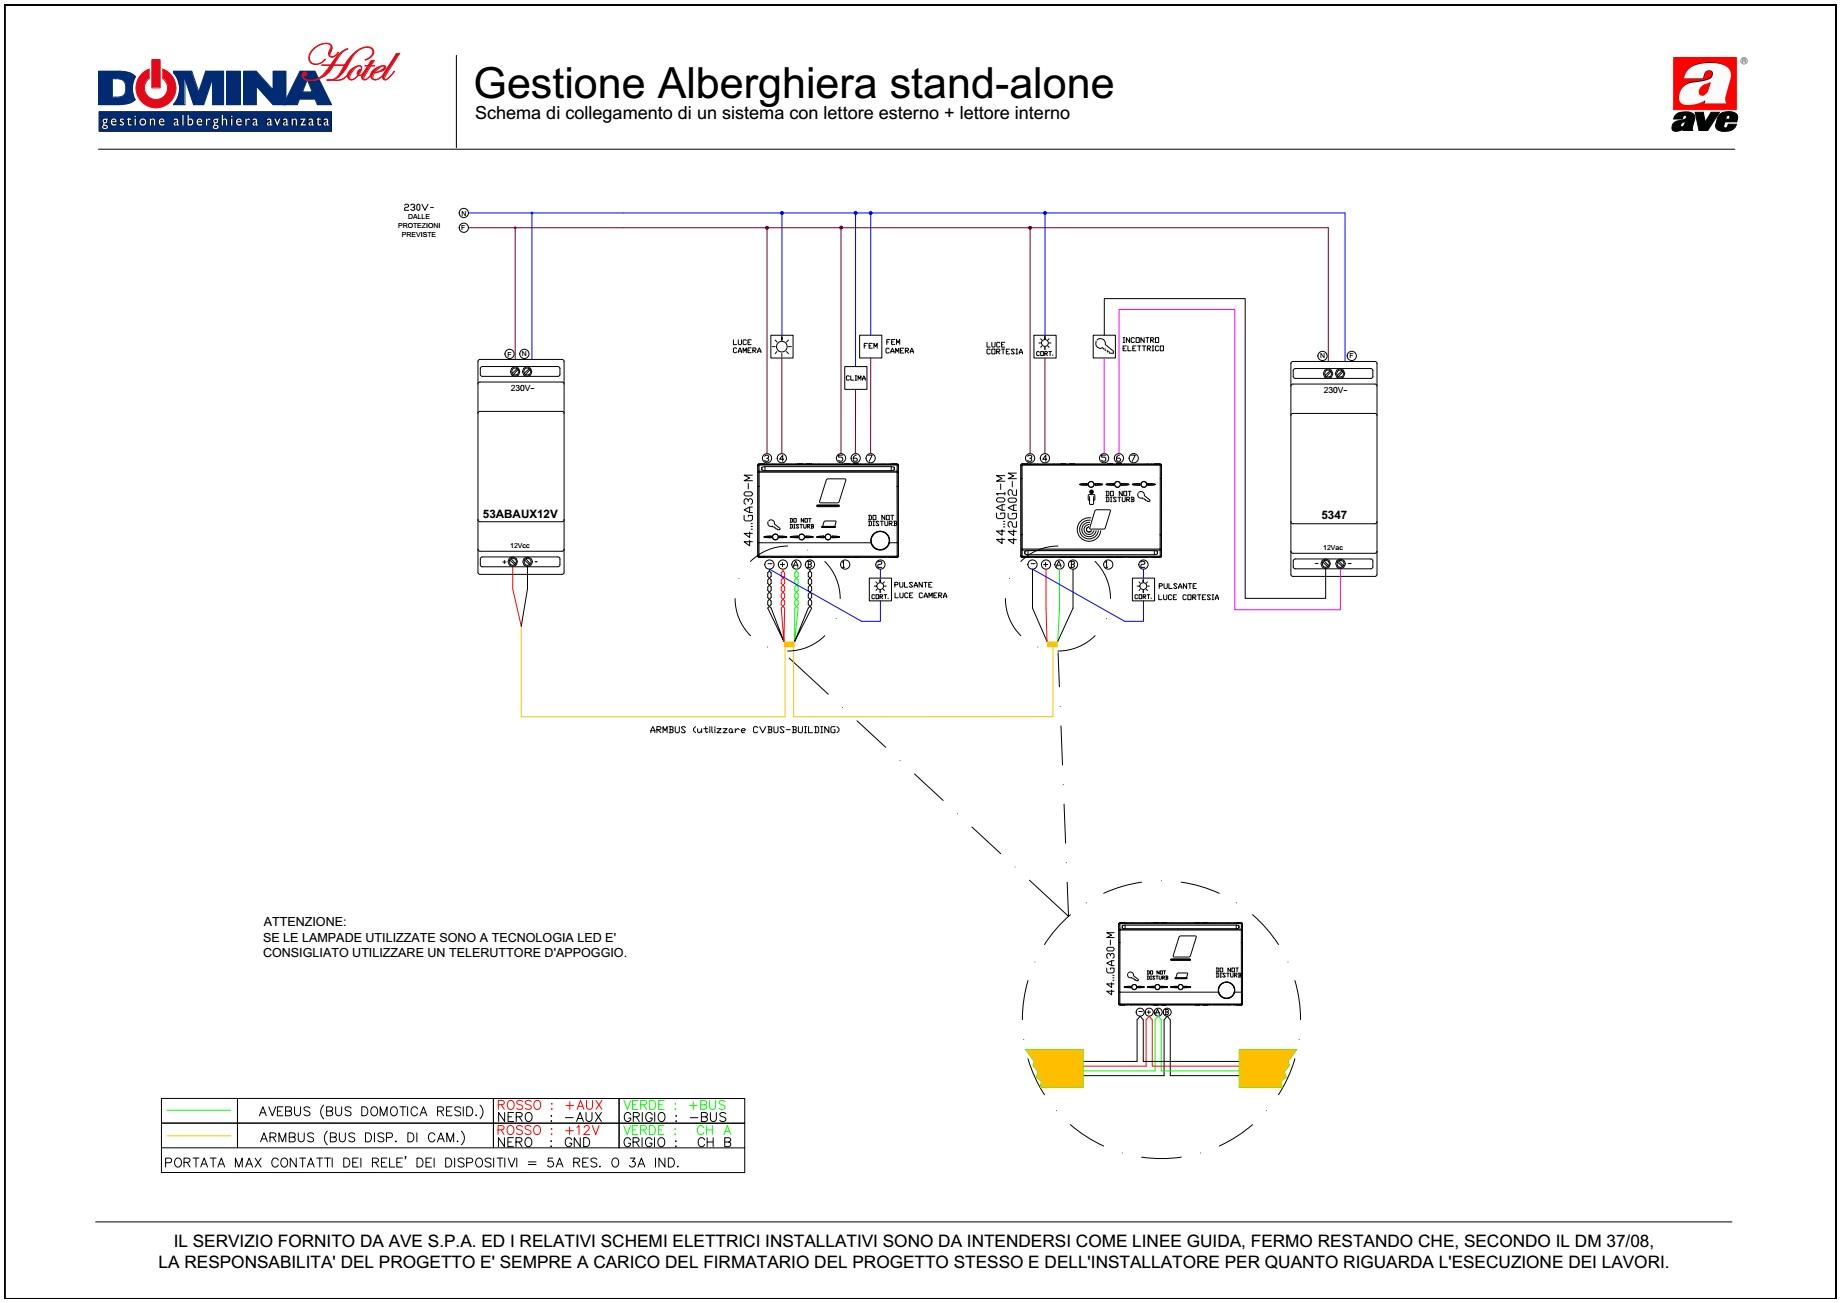 Gestione Alberghiera stand-alone - sistema con lettore esterno e lettore interno